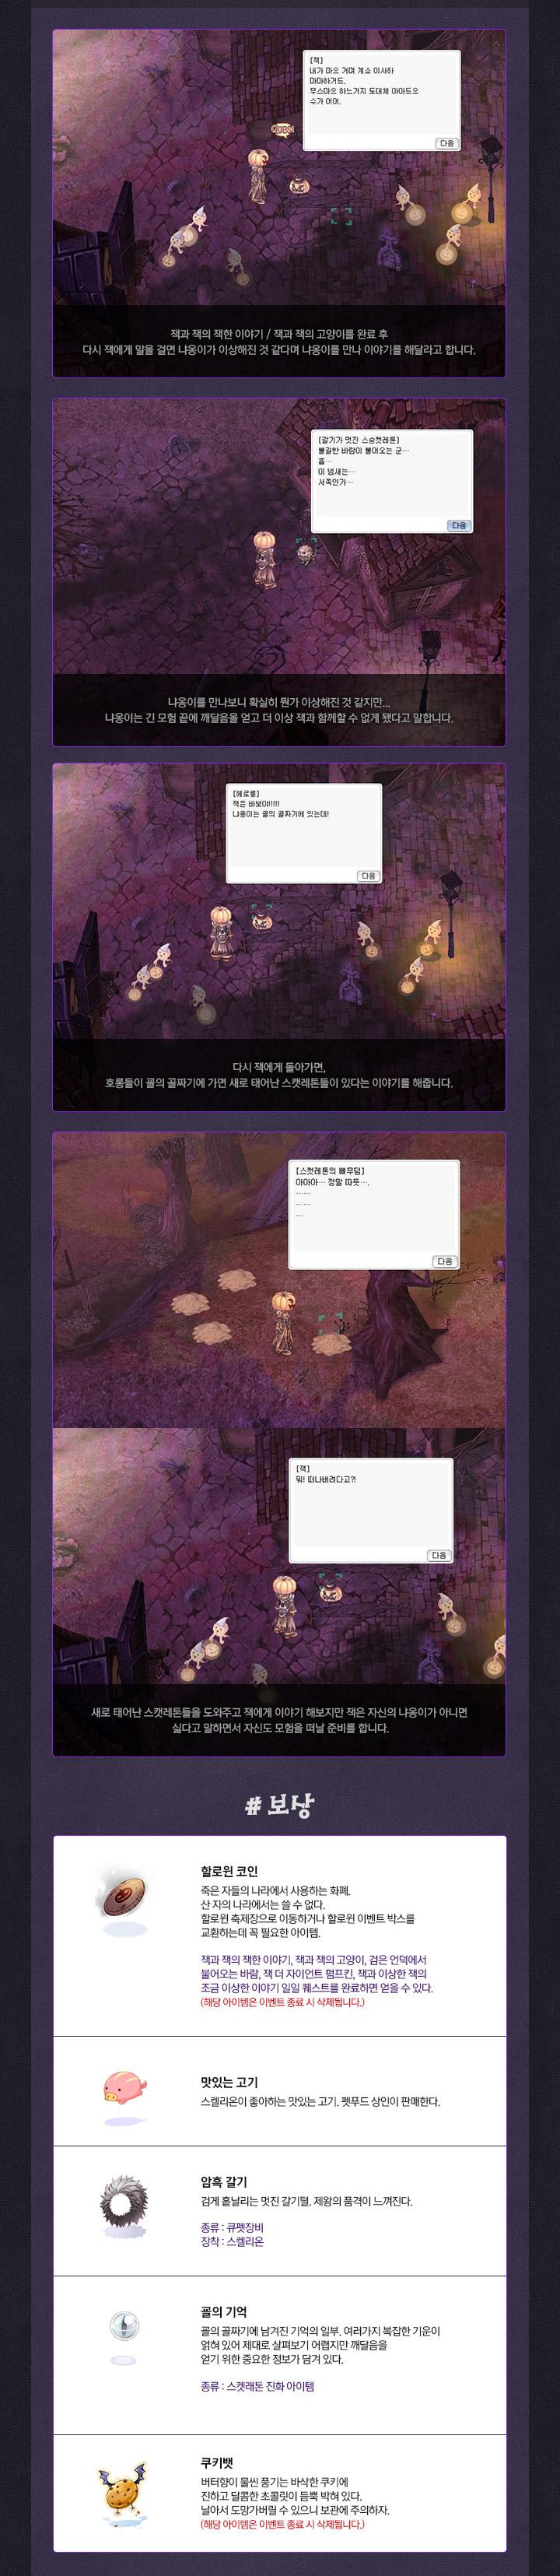 [RO1]_할로윈이벤트 image 3